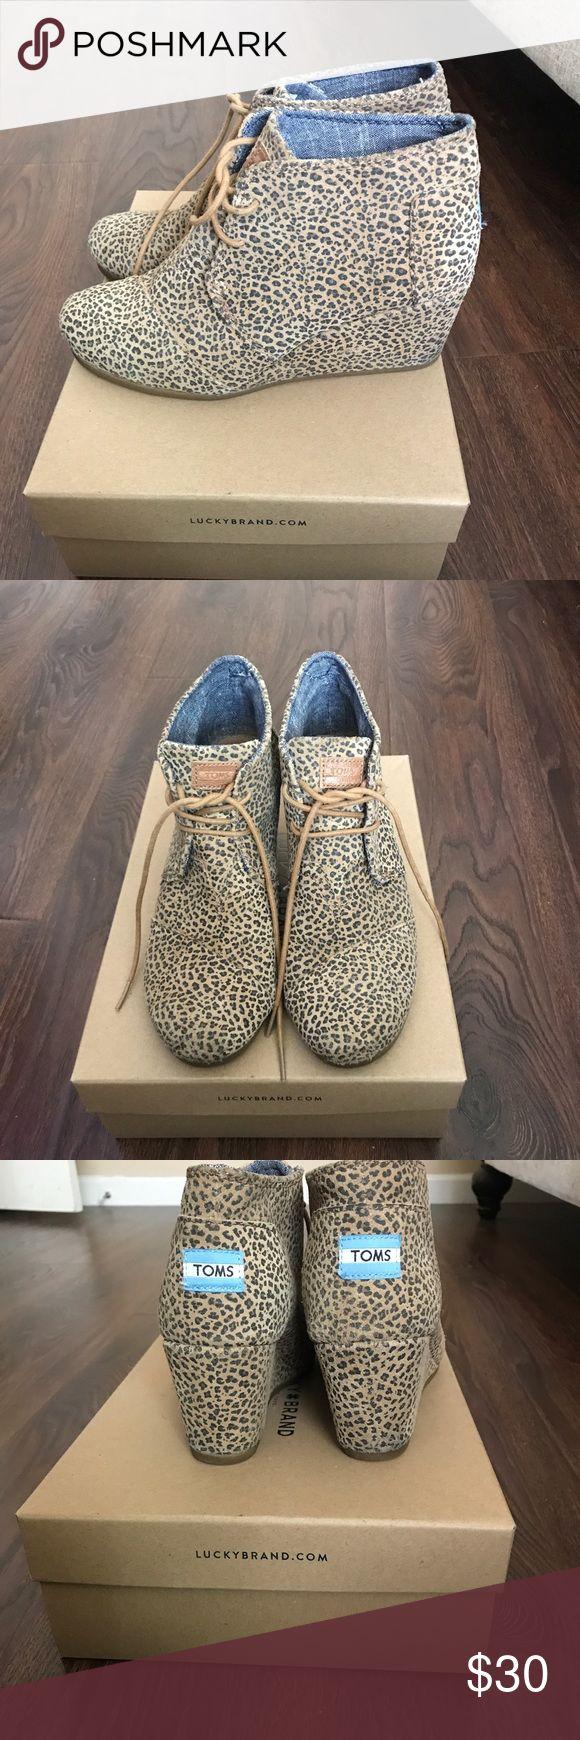 Toms Wedge Booties Cheetah Print Toms Wedge Booties Cheetah Print Toms Shoes Ankle Boots & Booties